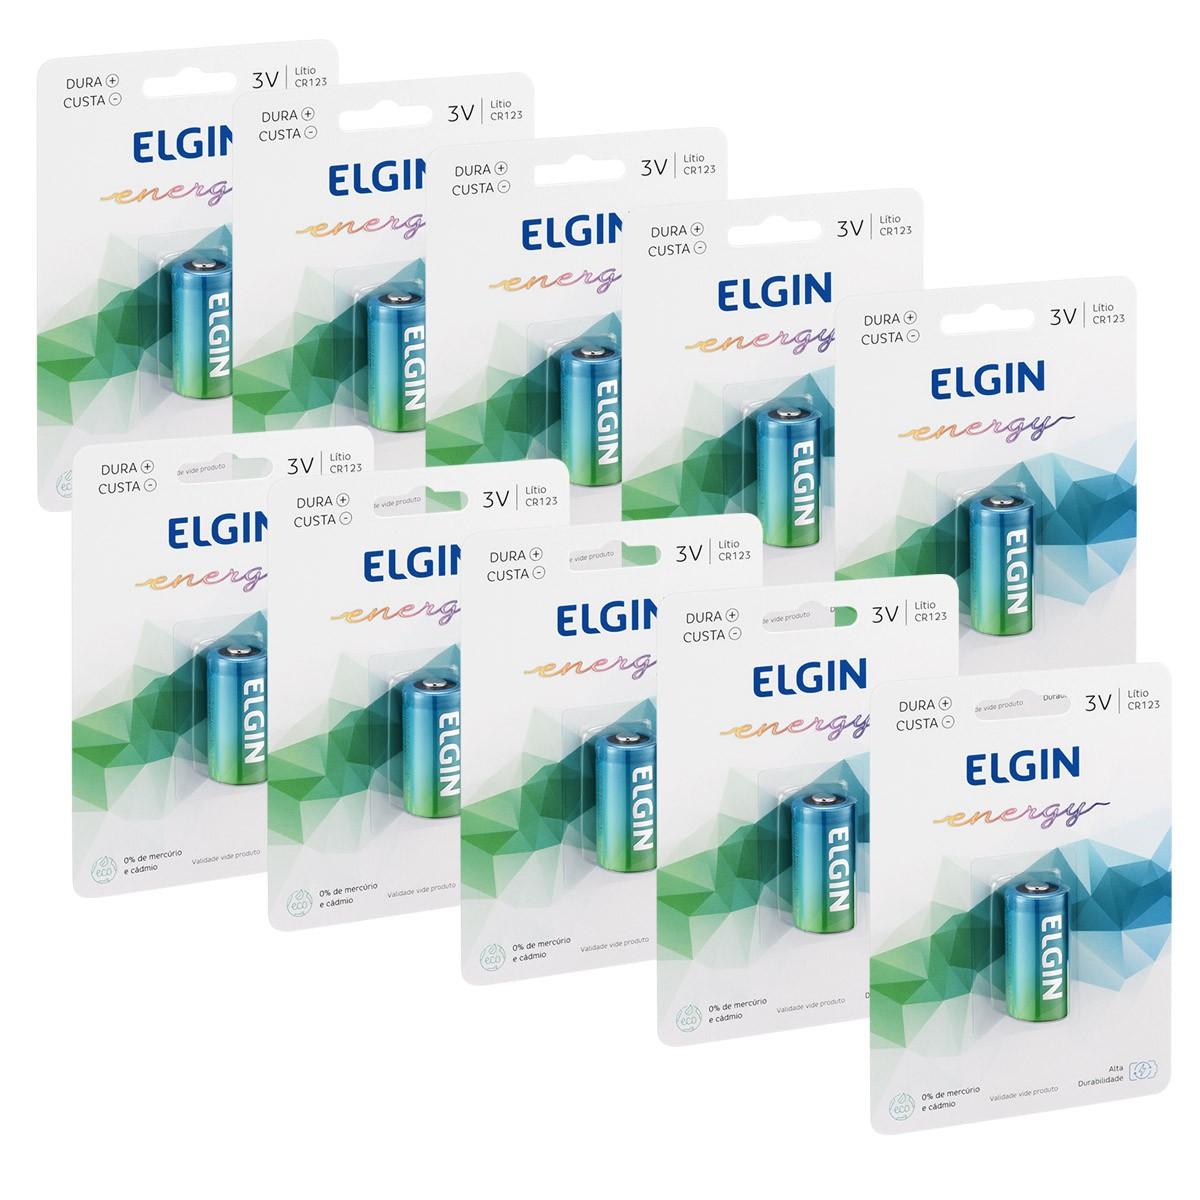 10 Pilha Bateria CR123A 3V Lithium ELGIN 10 cartela